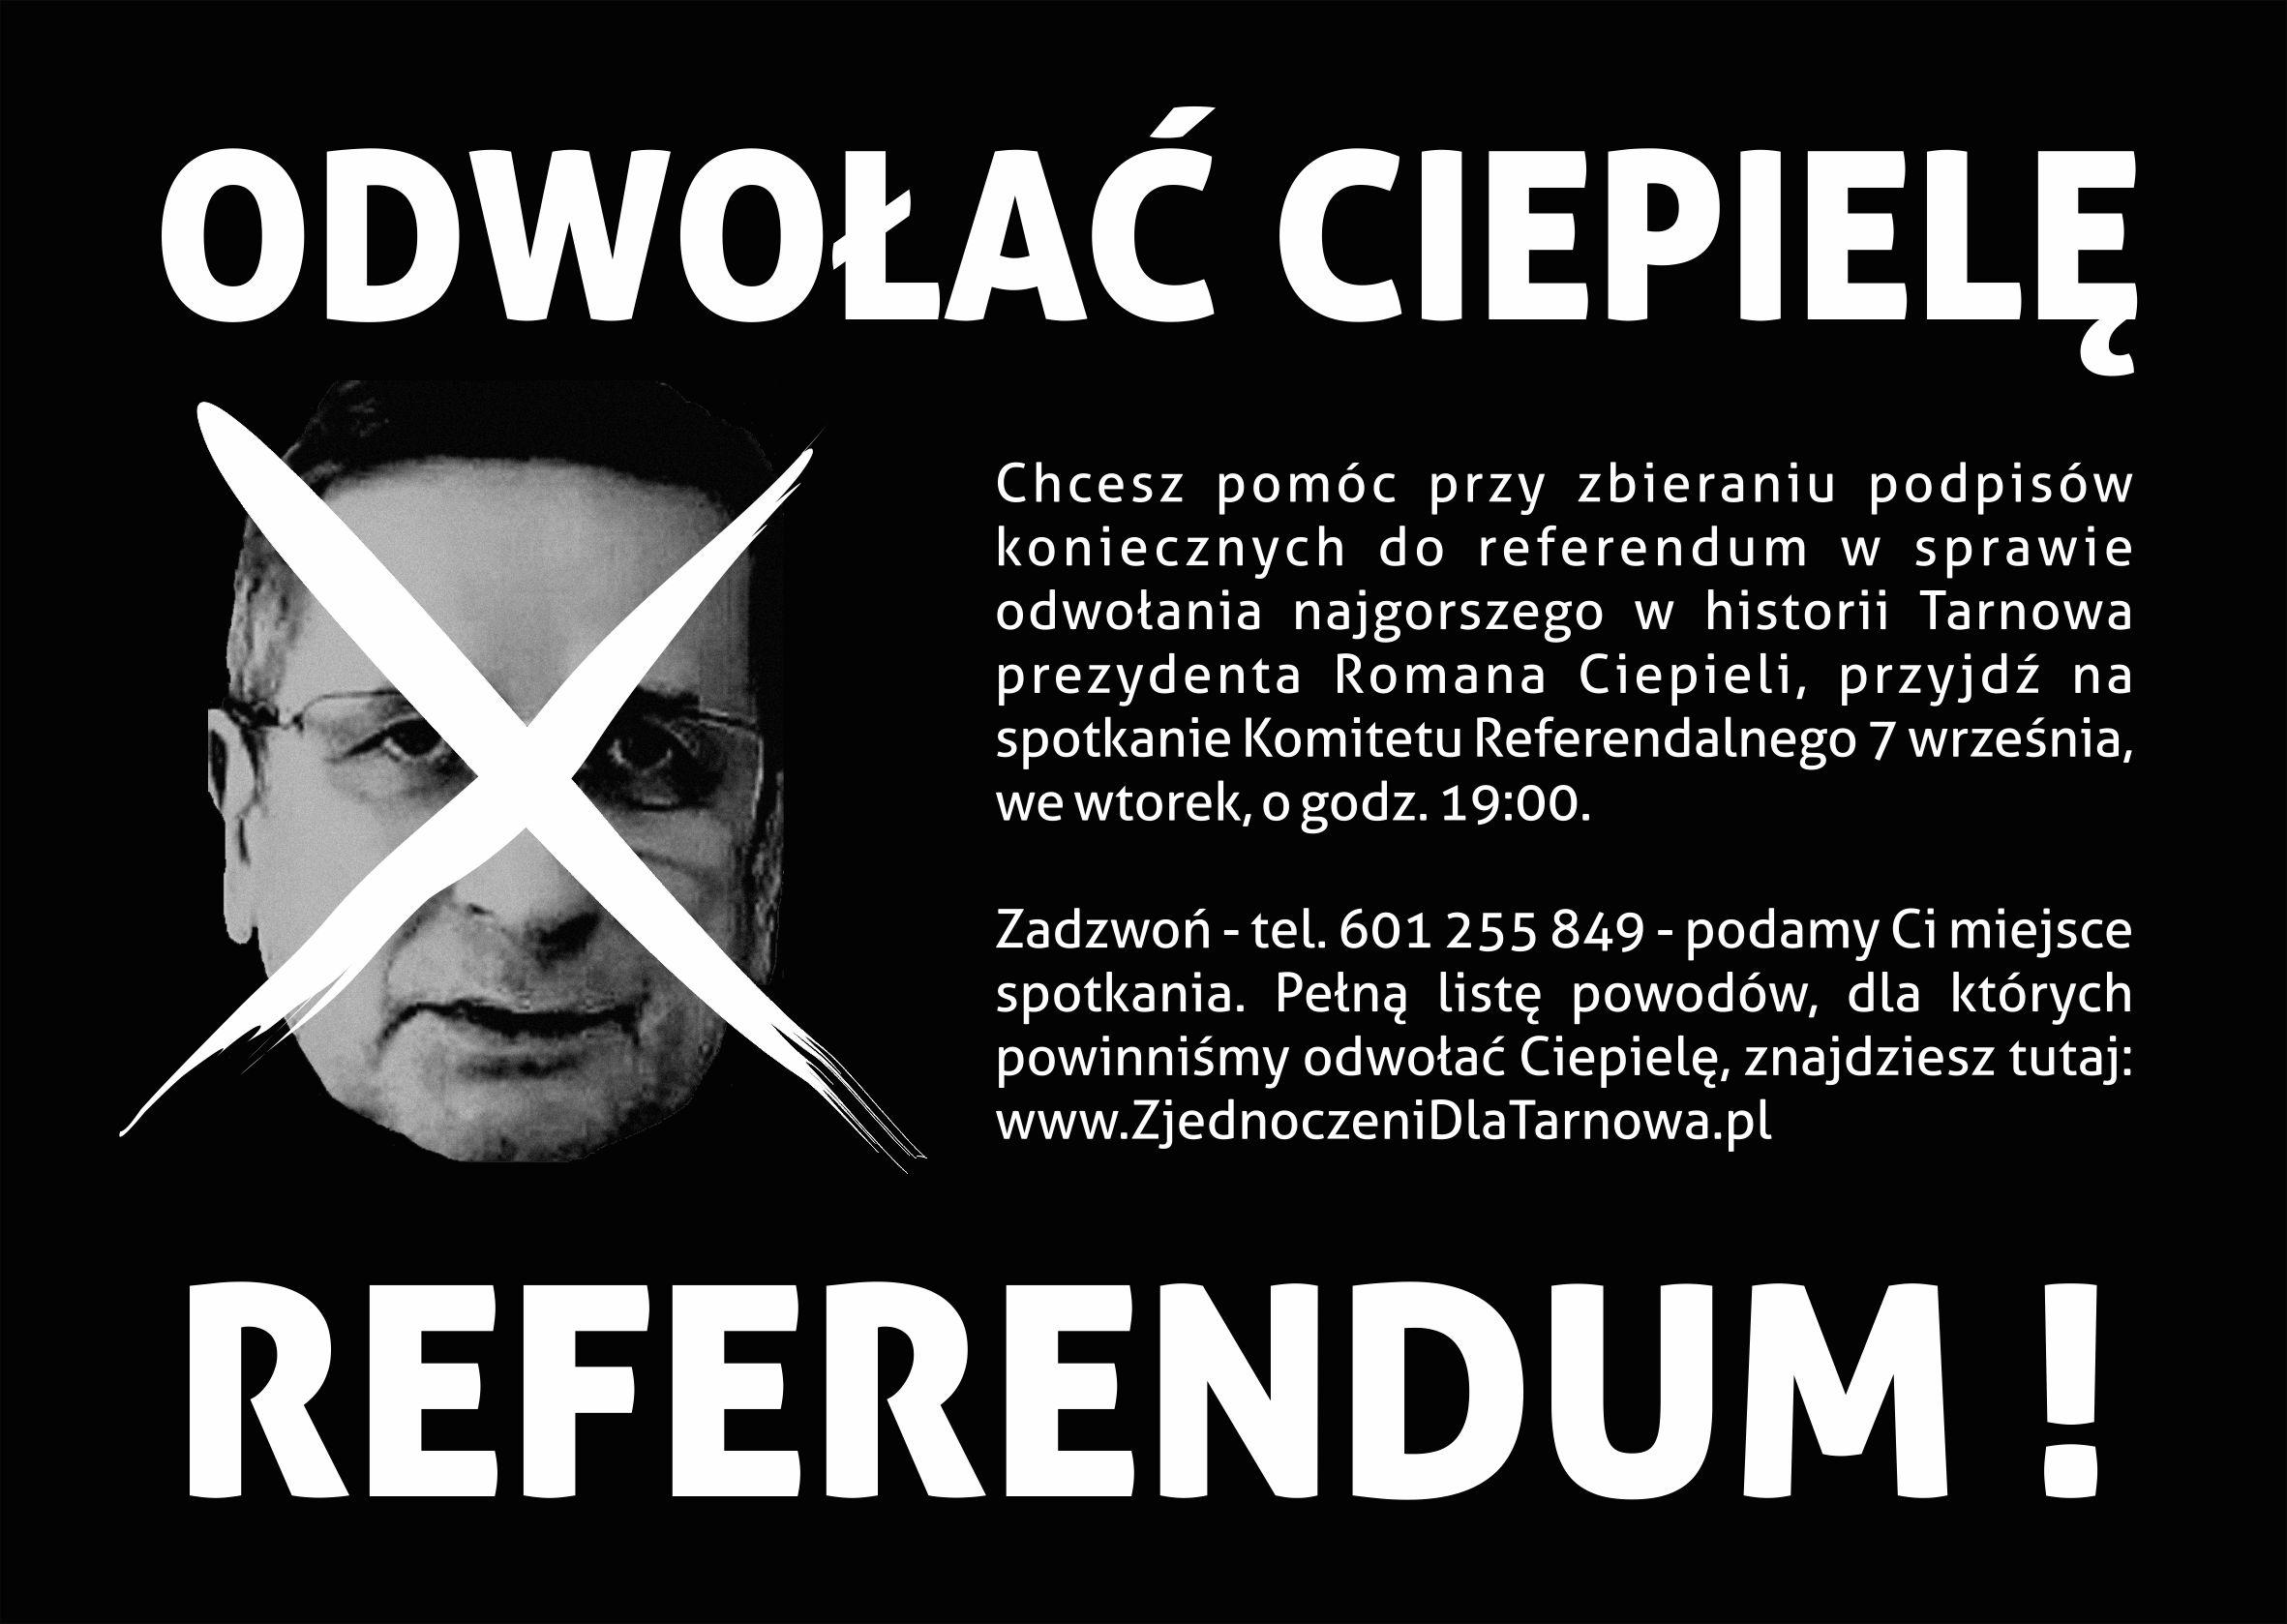 referendum ciepielajpg